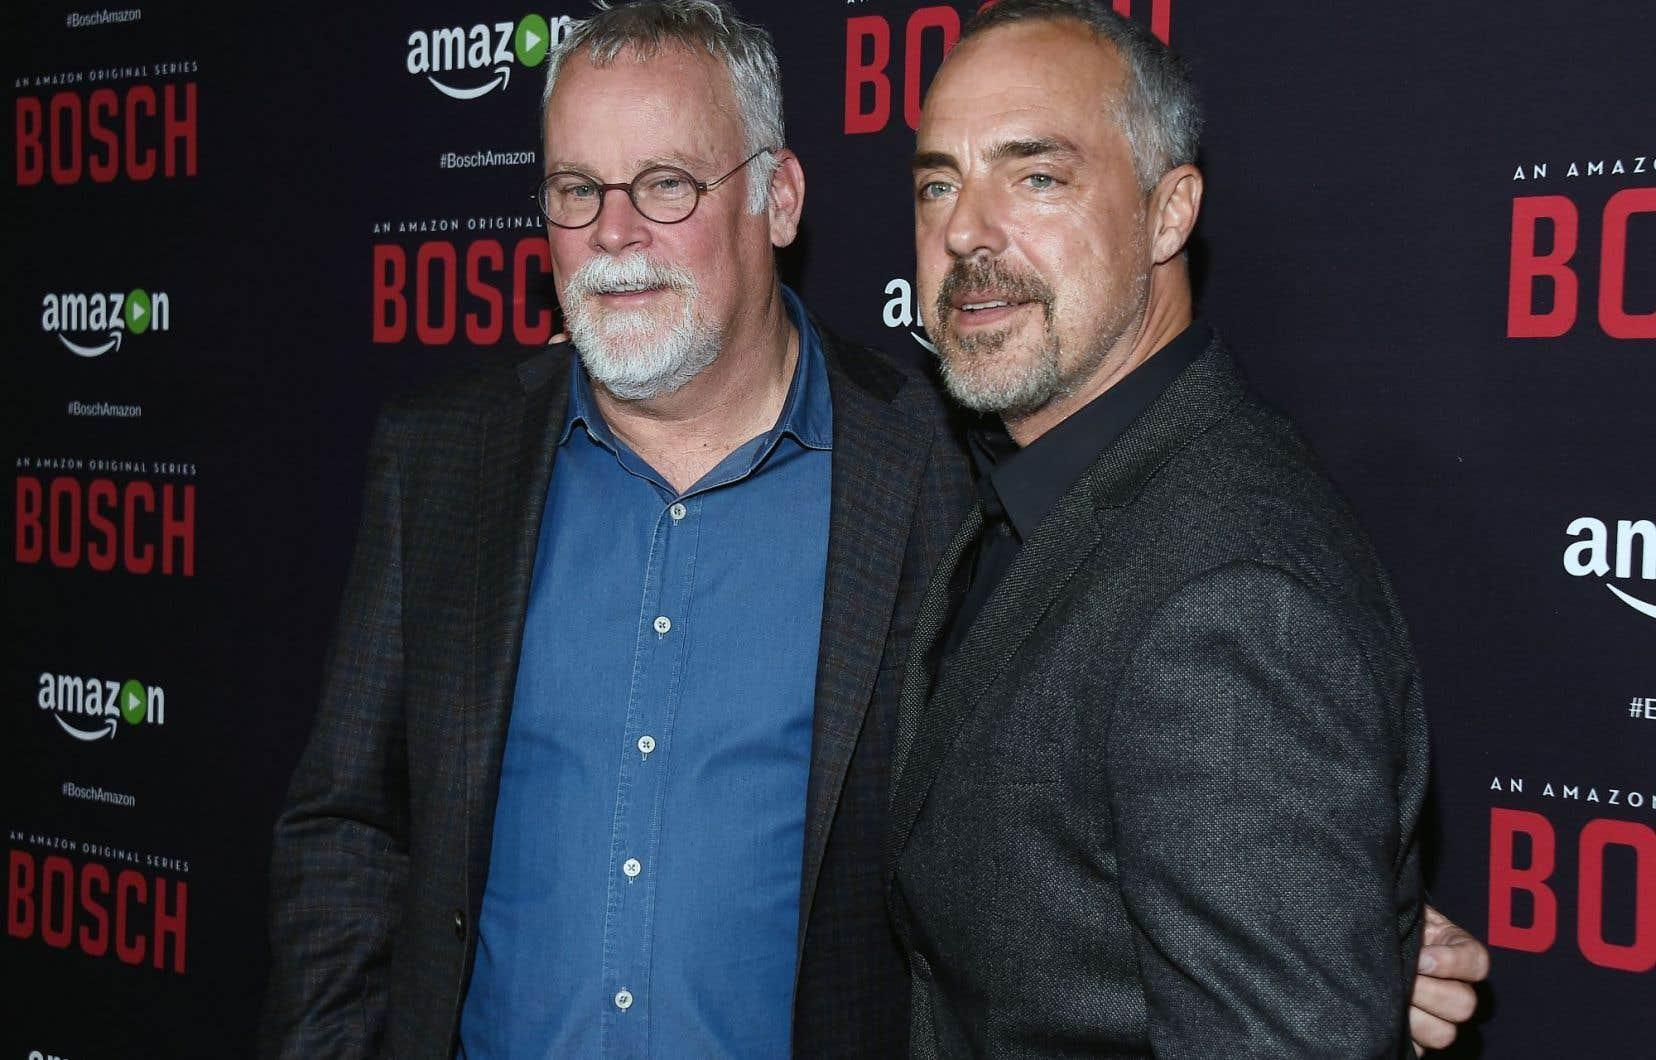 Michael Connelly, à gauche, en compagnie de l'acteur Titus Welliver, qui personnifie son personnage de Bosch dans une nouvelle série télévisée diffusée sur Amazon en 2015.